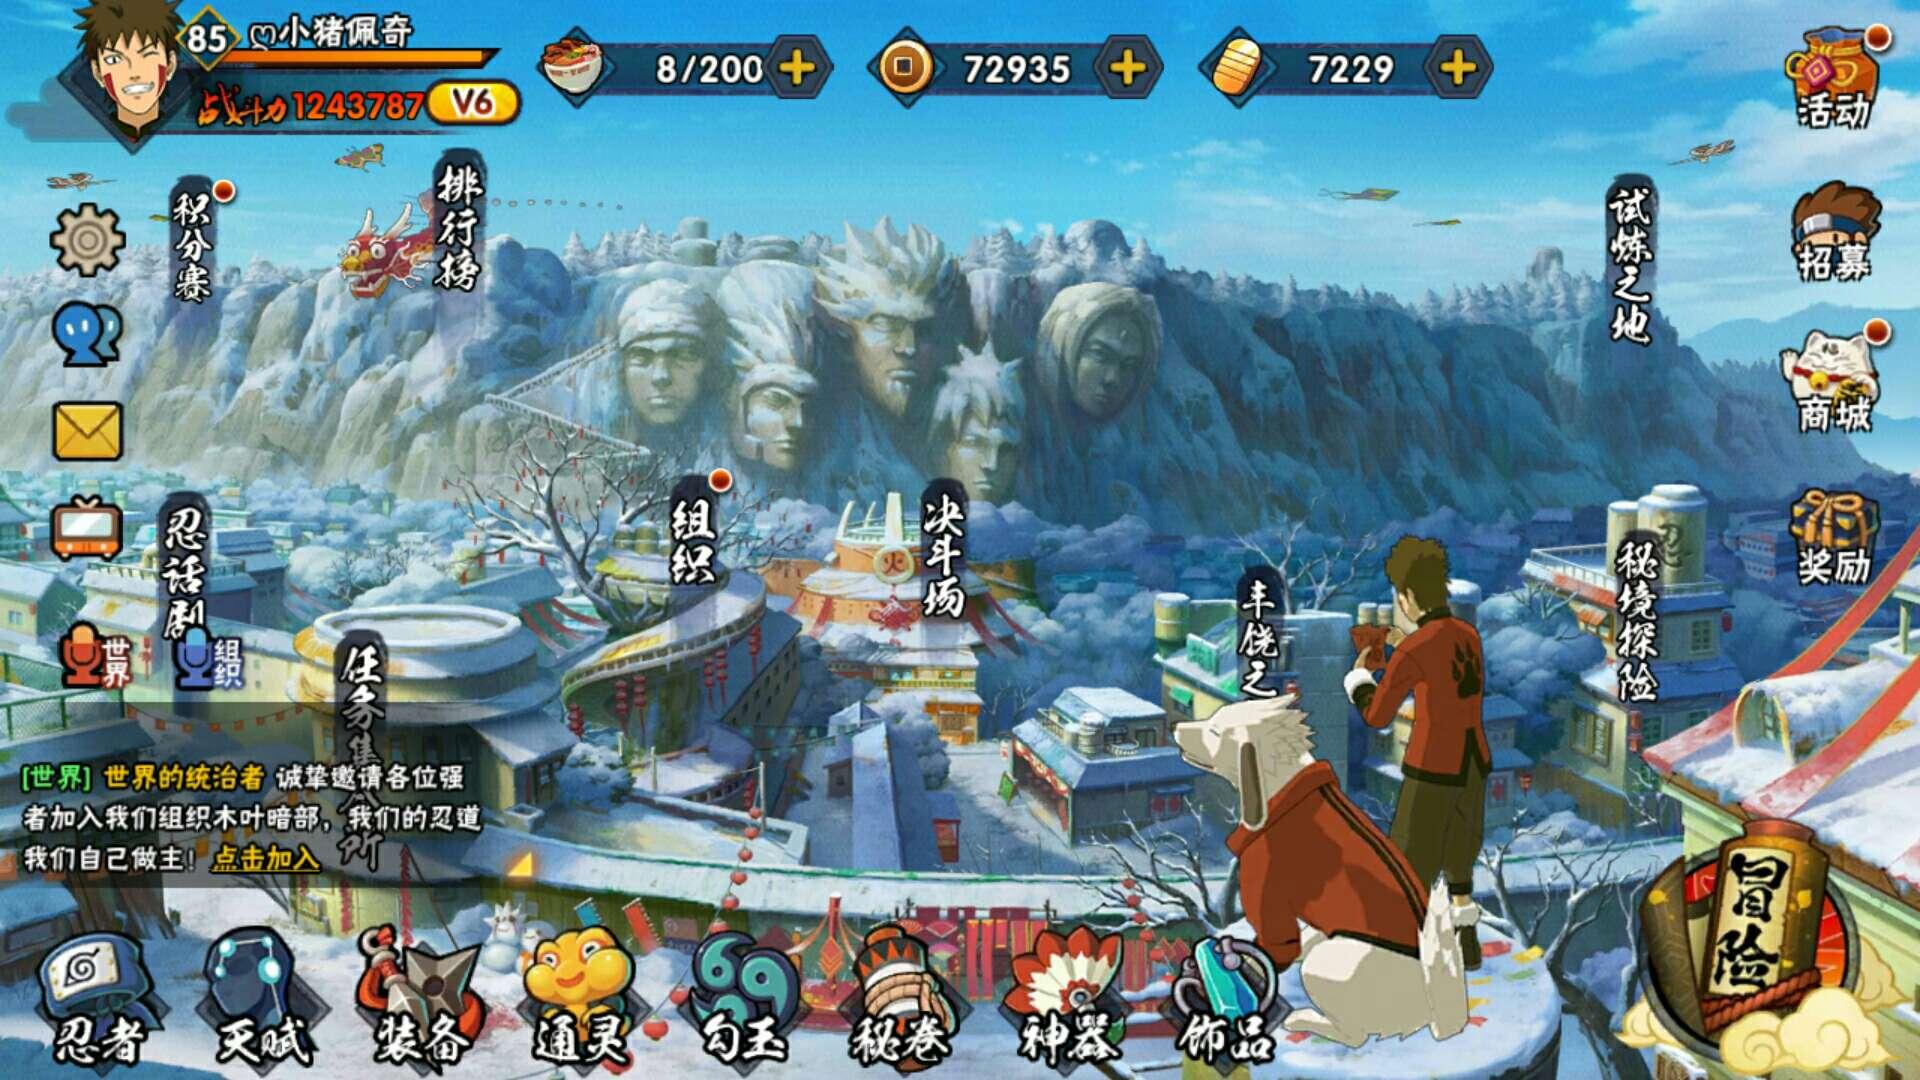 【求助】神评葫芦,3ds游戏下载要不要改后缀